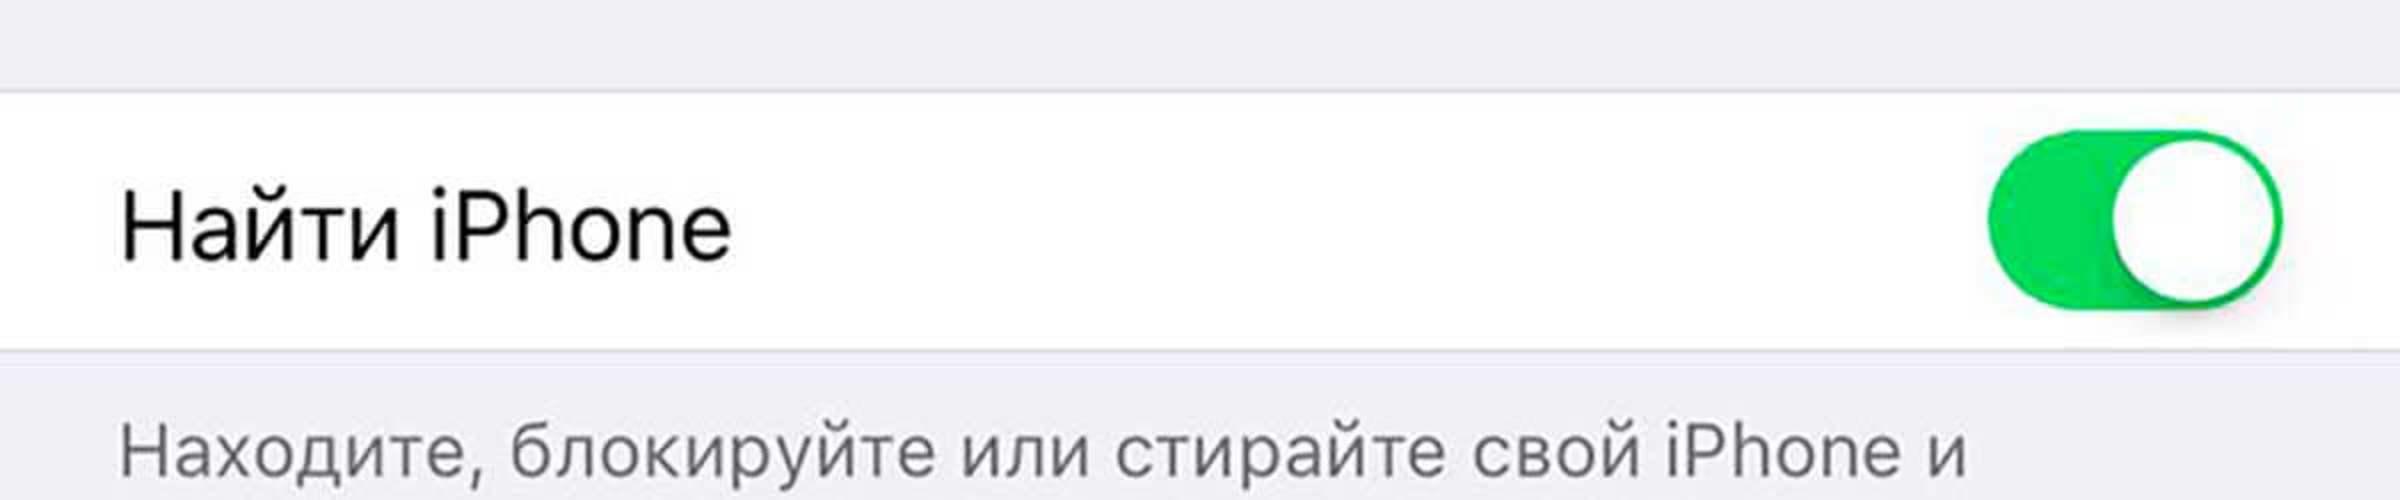 Как выключить функцию «Найти iPhone» - FAQ